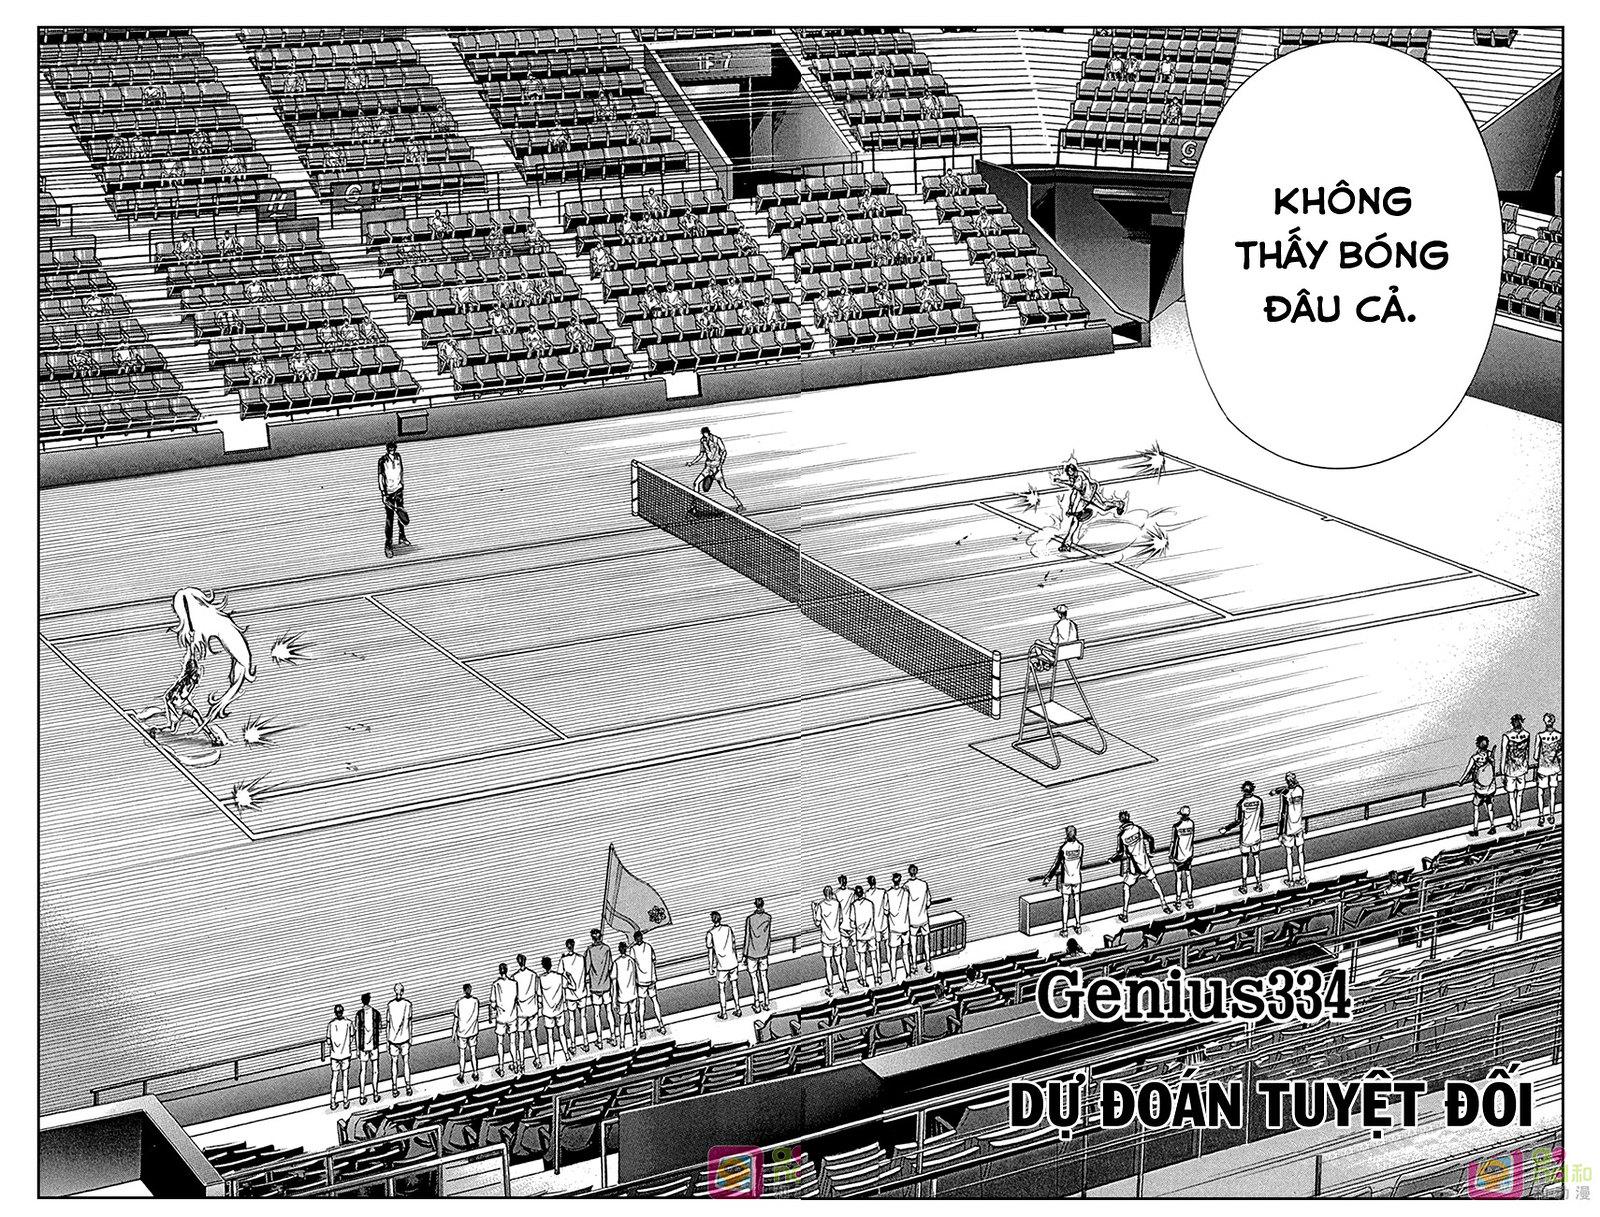 Hoàng tử Tennis chap 334 - Trang 3